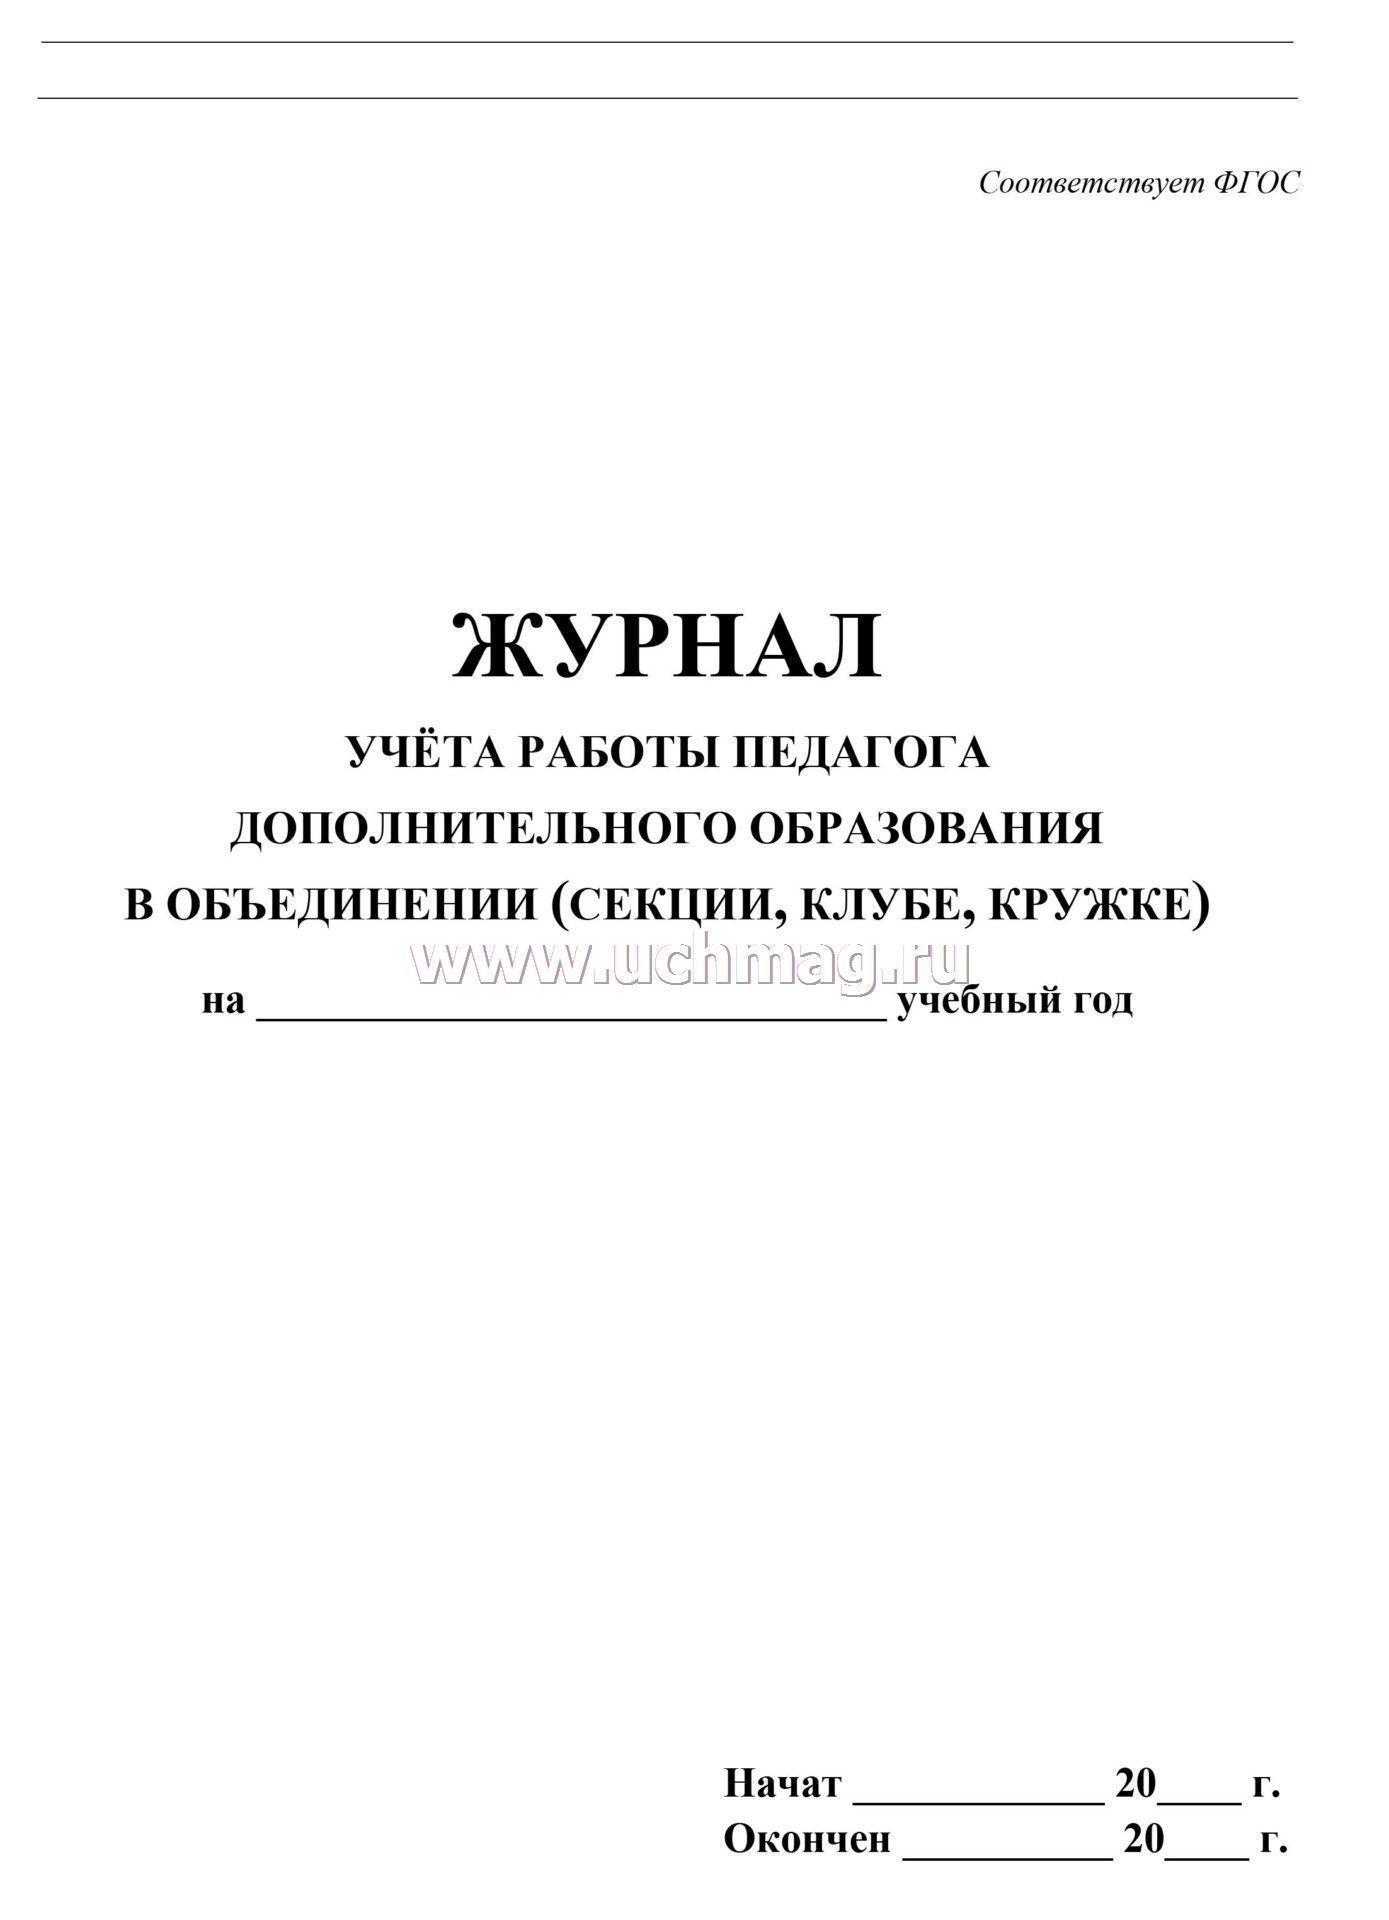 Где купить диплом купить диплом московский ru Кто покупал диплом Есть такие Купить дипломную работу курсовую работу отчет или контрольную в Нижнем е Вы можете используя платежный терминал